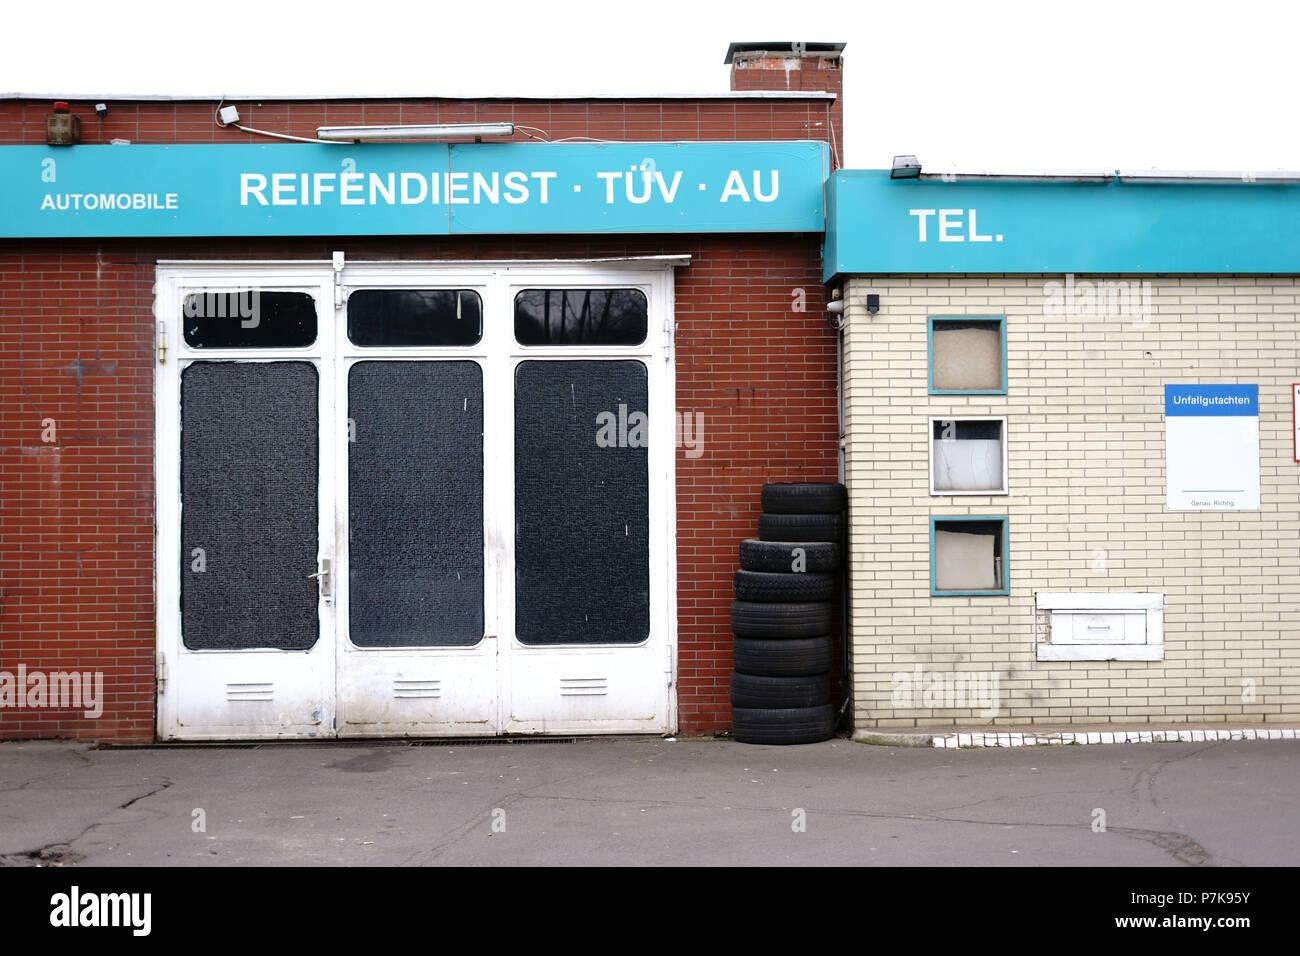 Eine Garage Aus Backstein Und Klinker Mit Abgenutzten Reifen Mantel